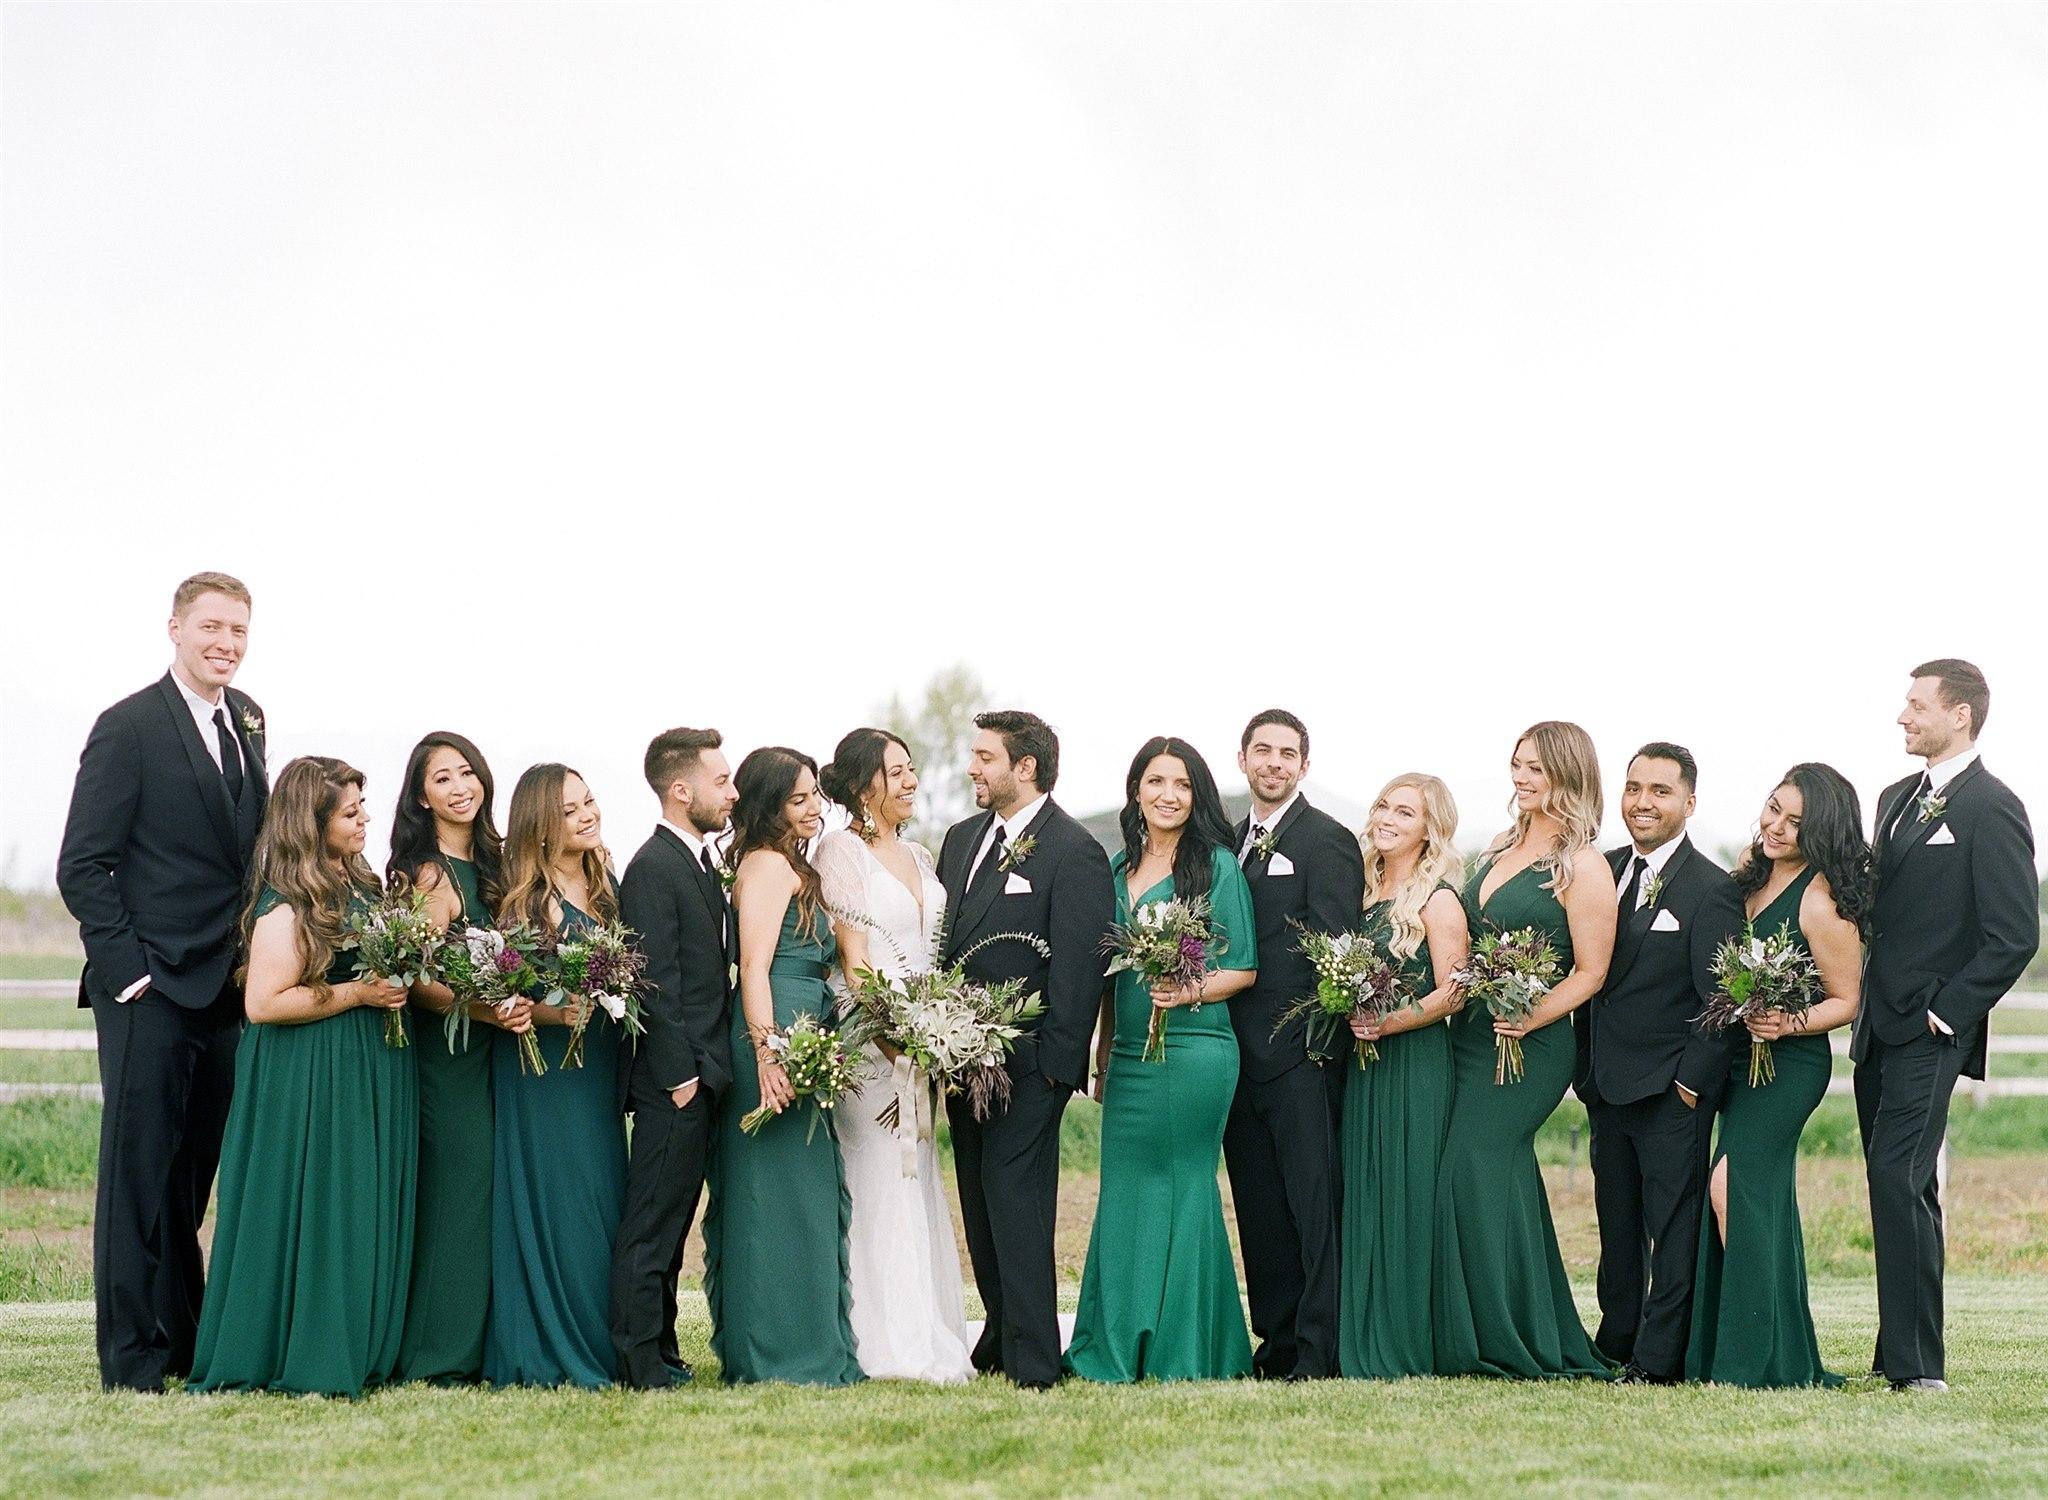 heidi_michael_wedding_0183.jpg